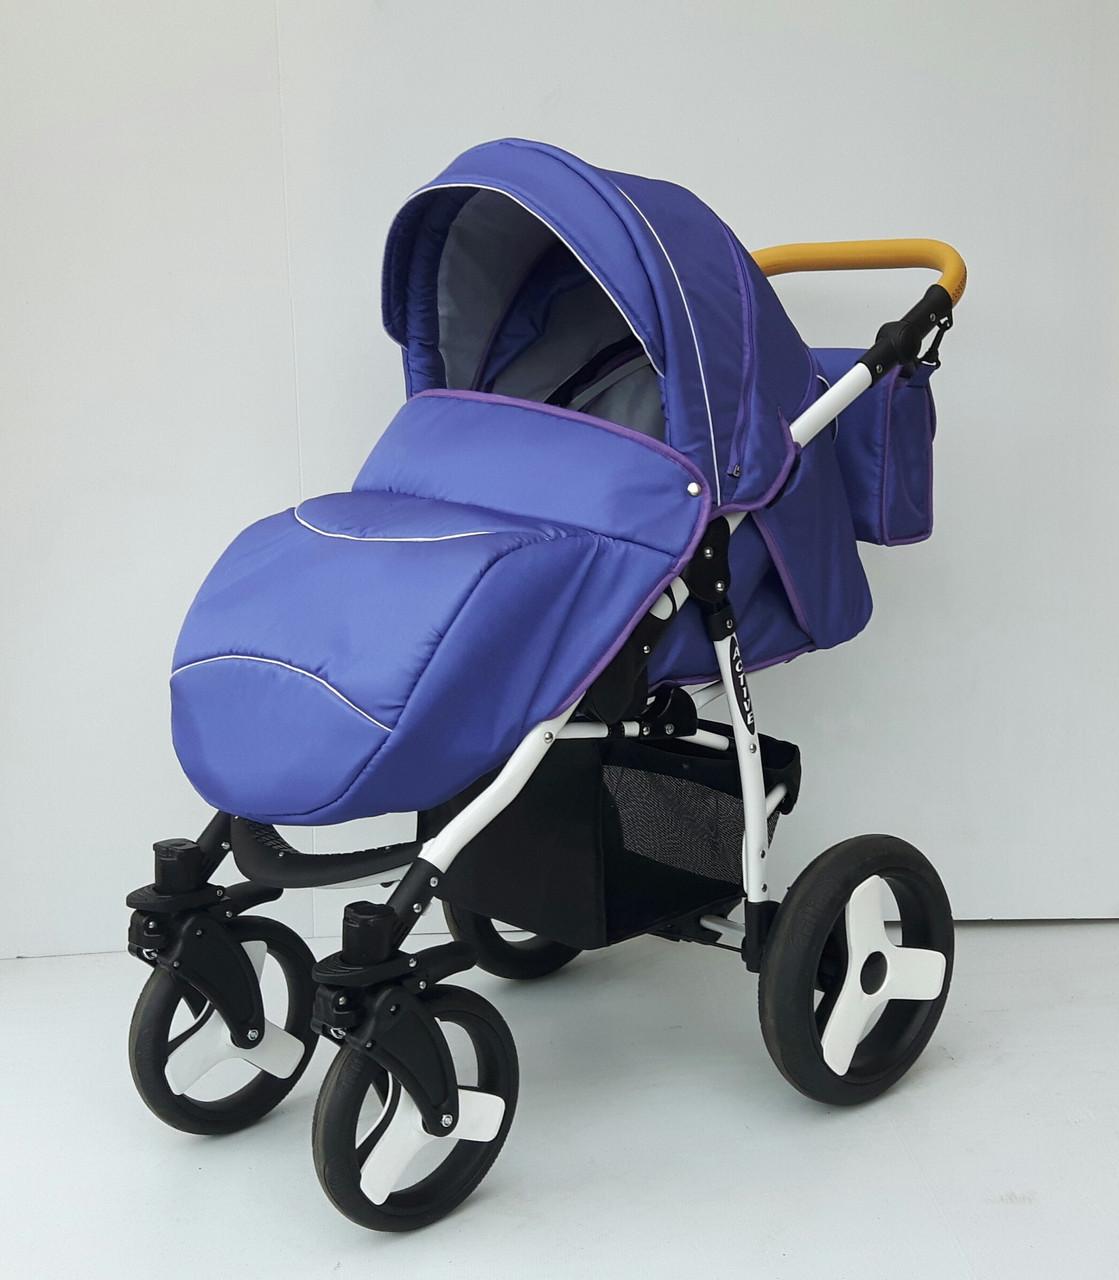 Детская коляска NESTOR ACTIVE COSMO MOCATE прогулочная - Интернет-магазин  детских товаров и мебели SIGNAL e7c21f5ef0b